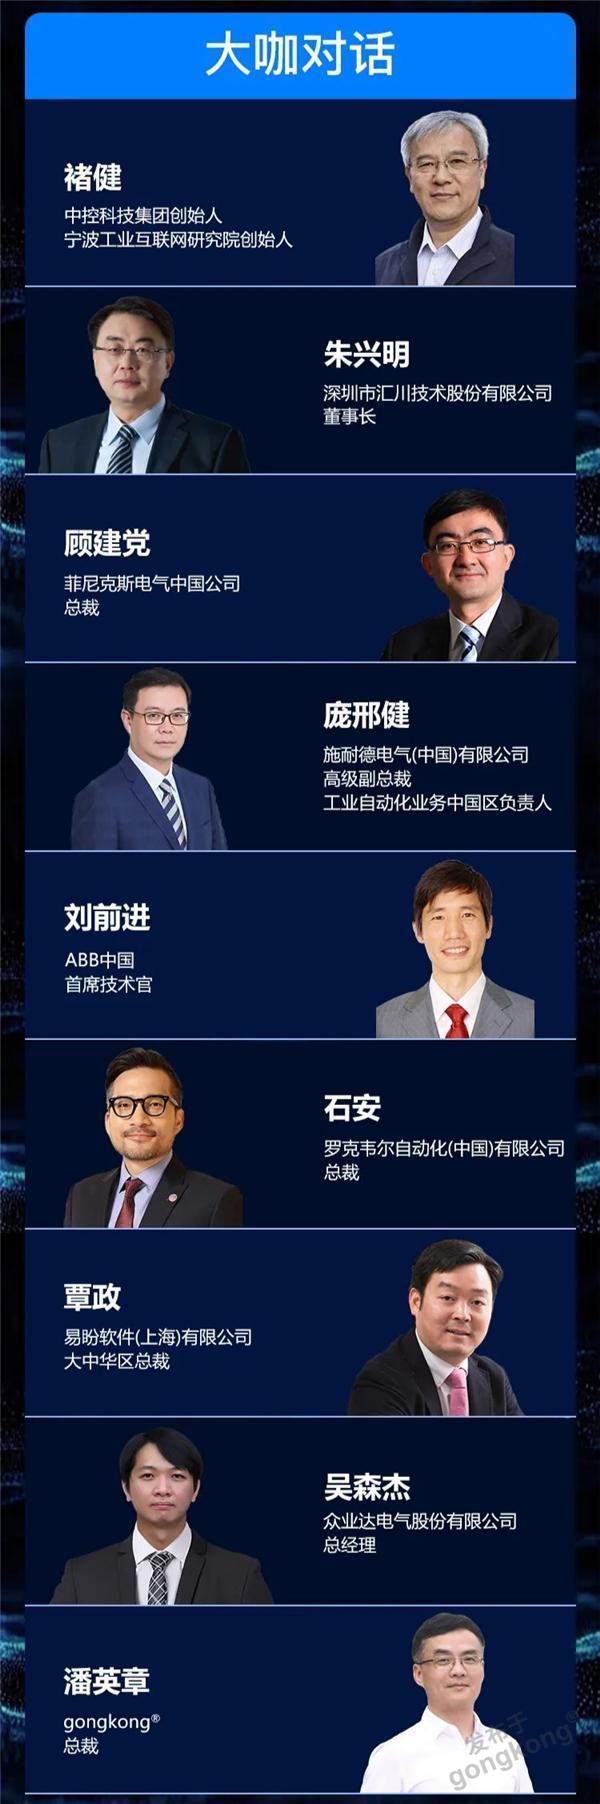 最破浪的CAIMRS | 中国制造数字化服务云端峰会即将到来